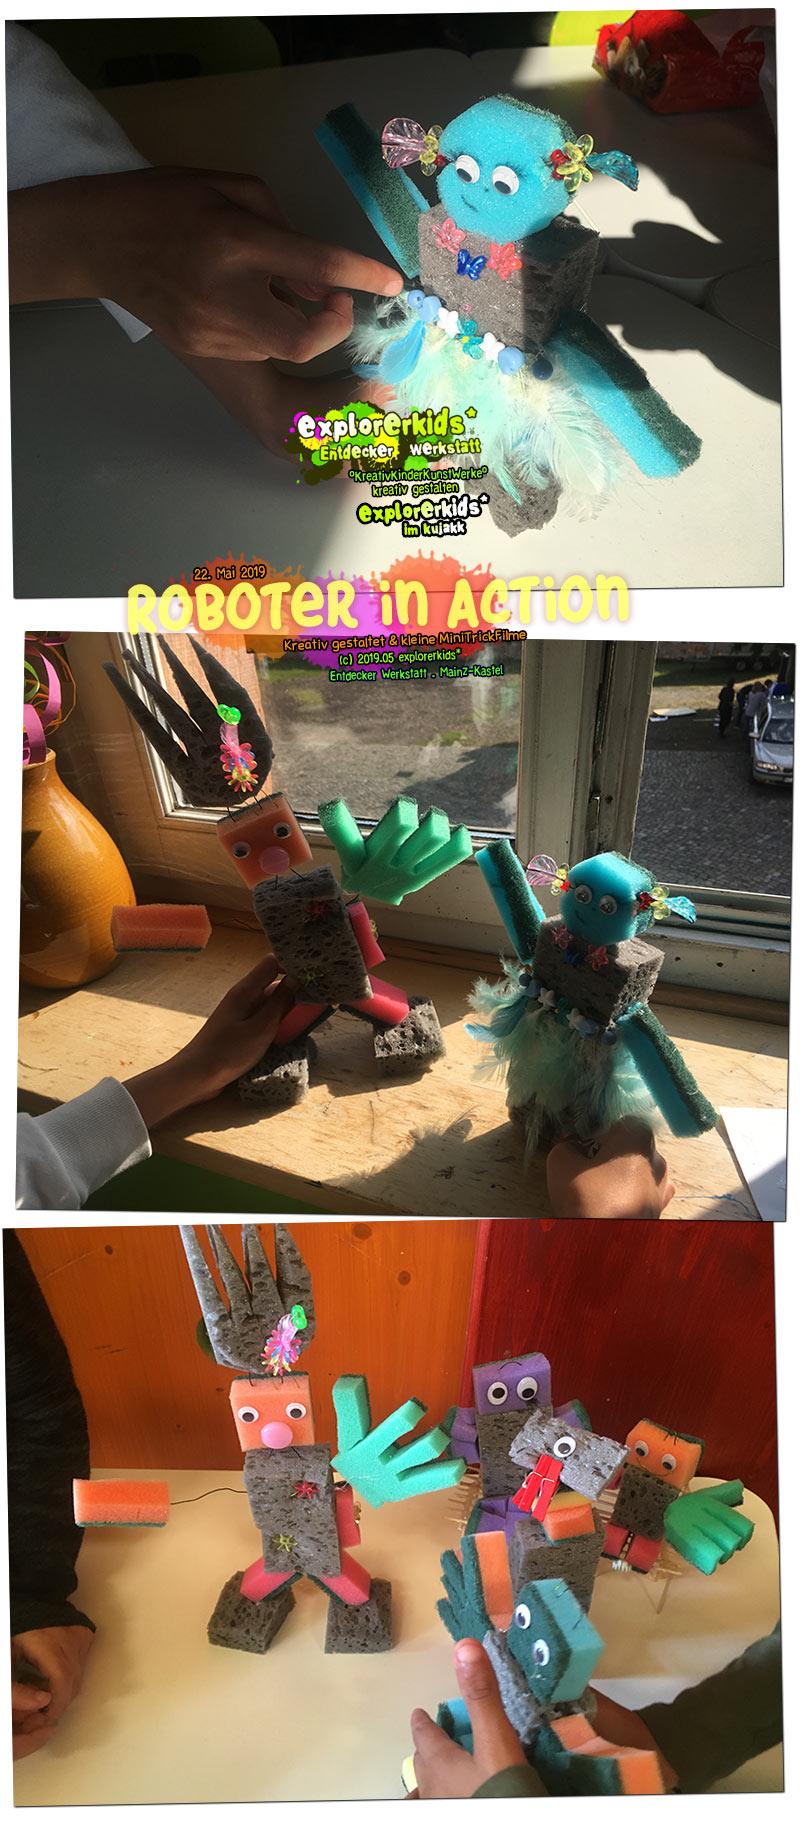 Roboter in Action . Kreativ gestaltet & kleine MiniTrickFilme . explorerkids* . Entdecker Werkstatt im kujakk